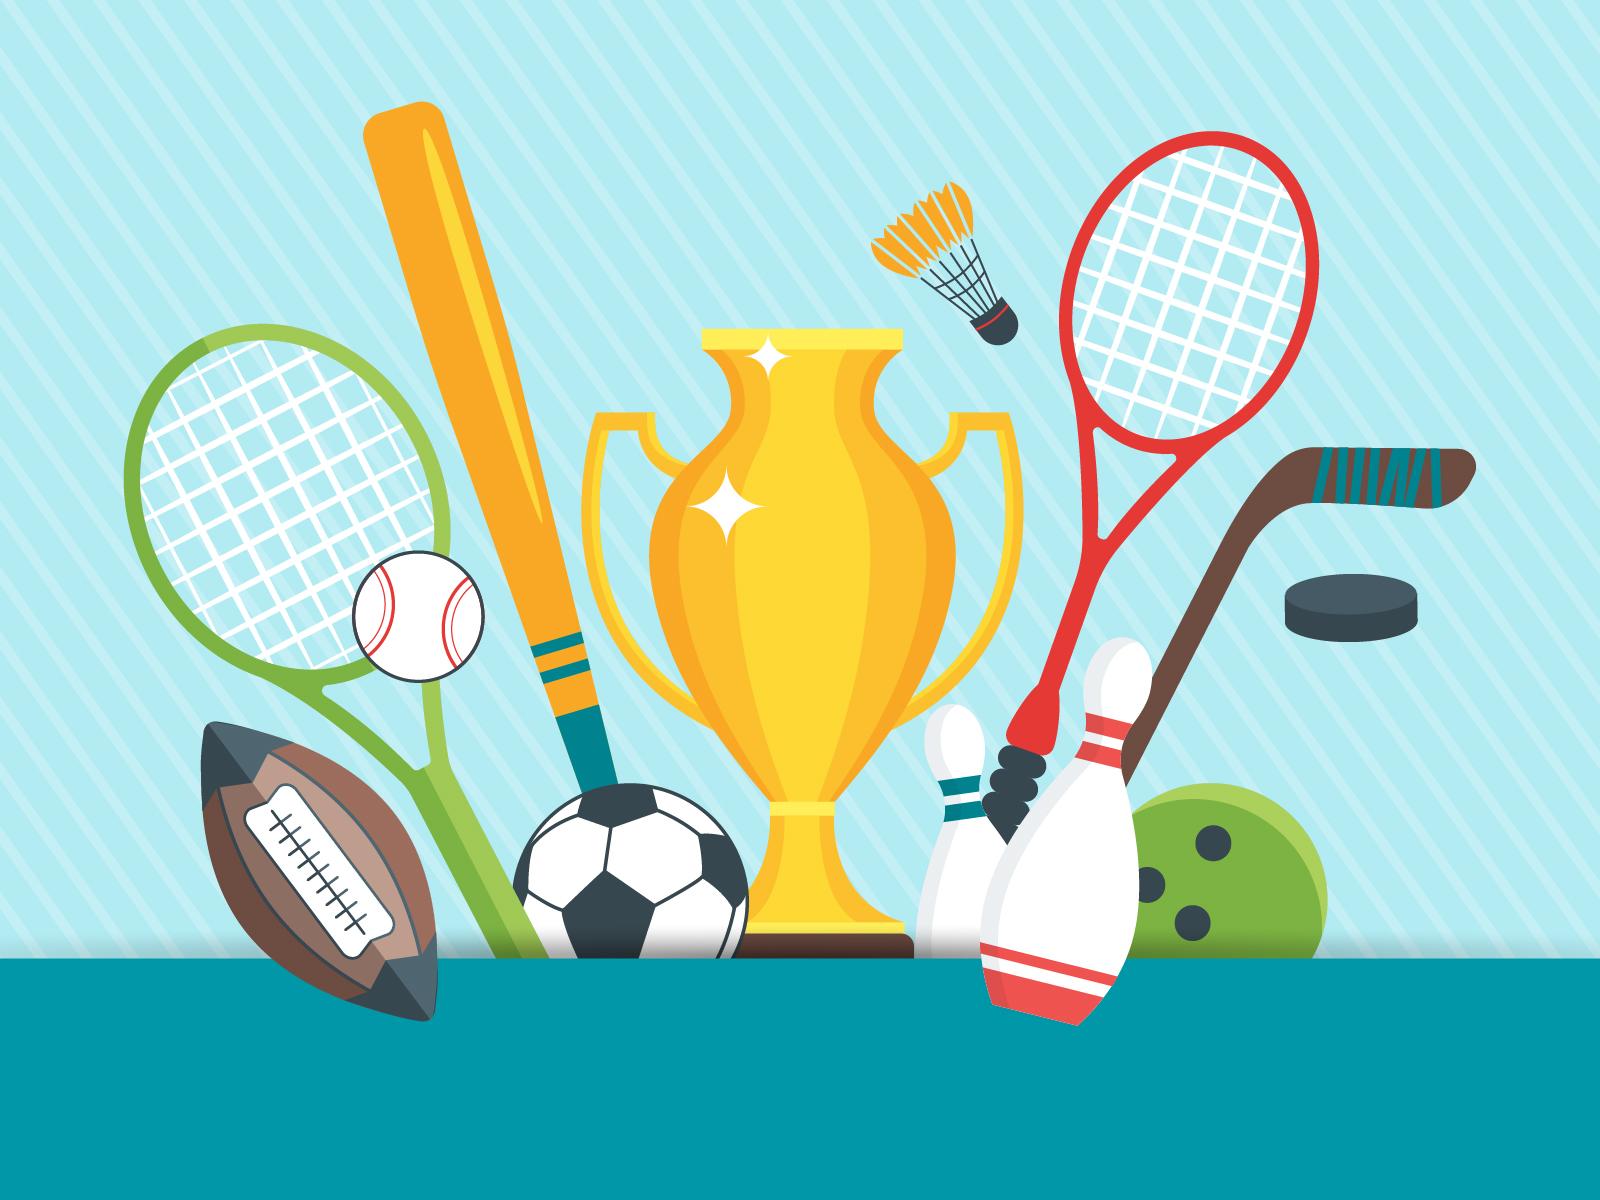 Gli sport con cui è più facile ambire al successo con le scommesse online